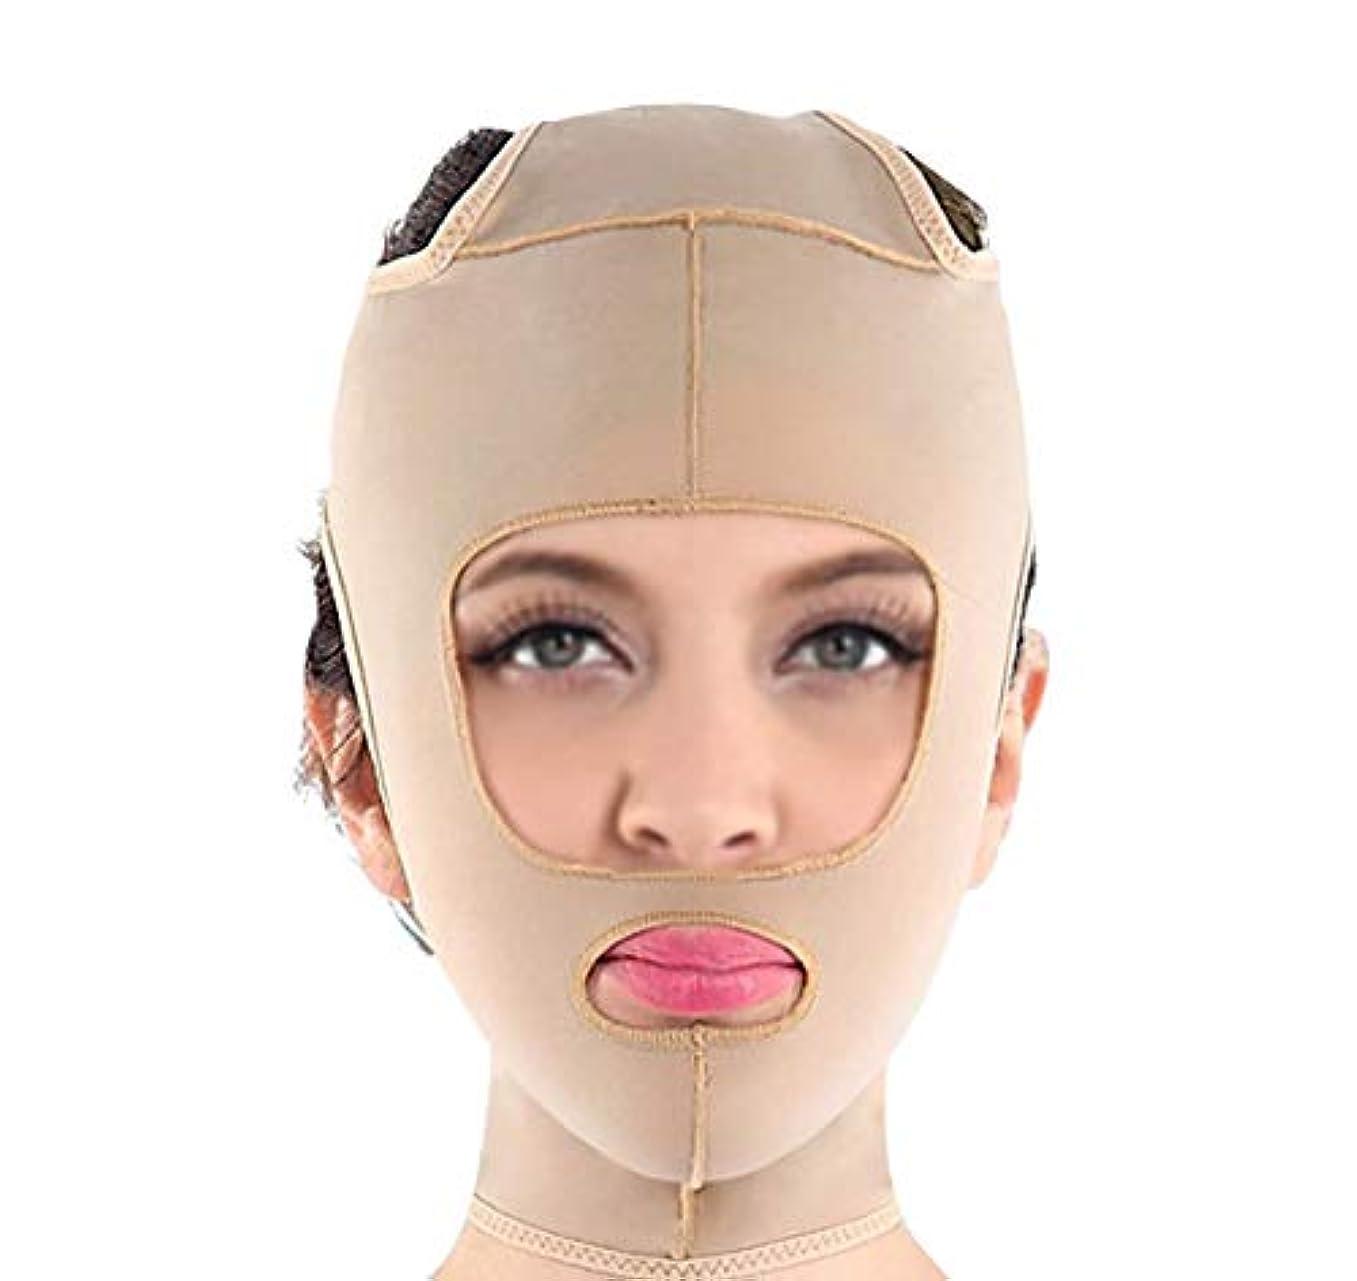 回路盗賊ロバフェイスリフティングマスクで肌をよりしっかりと保ち、V字型の顔を形作り、超薄型の通気性、調節可能で快適な着用感(サイズ:Xl),Xl